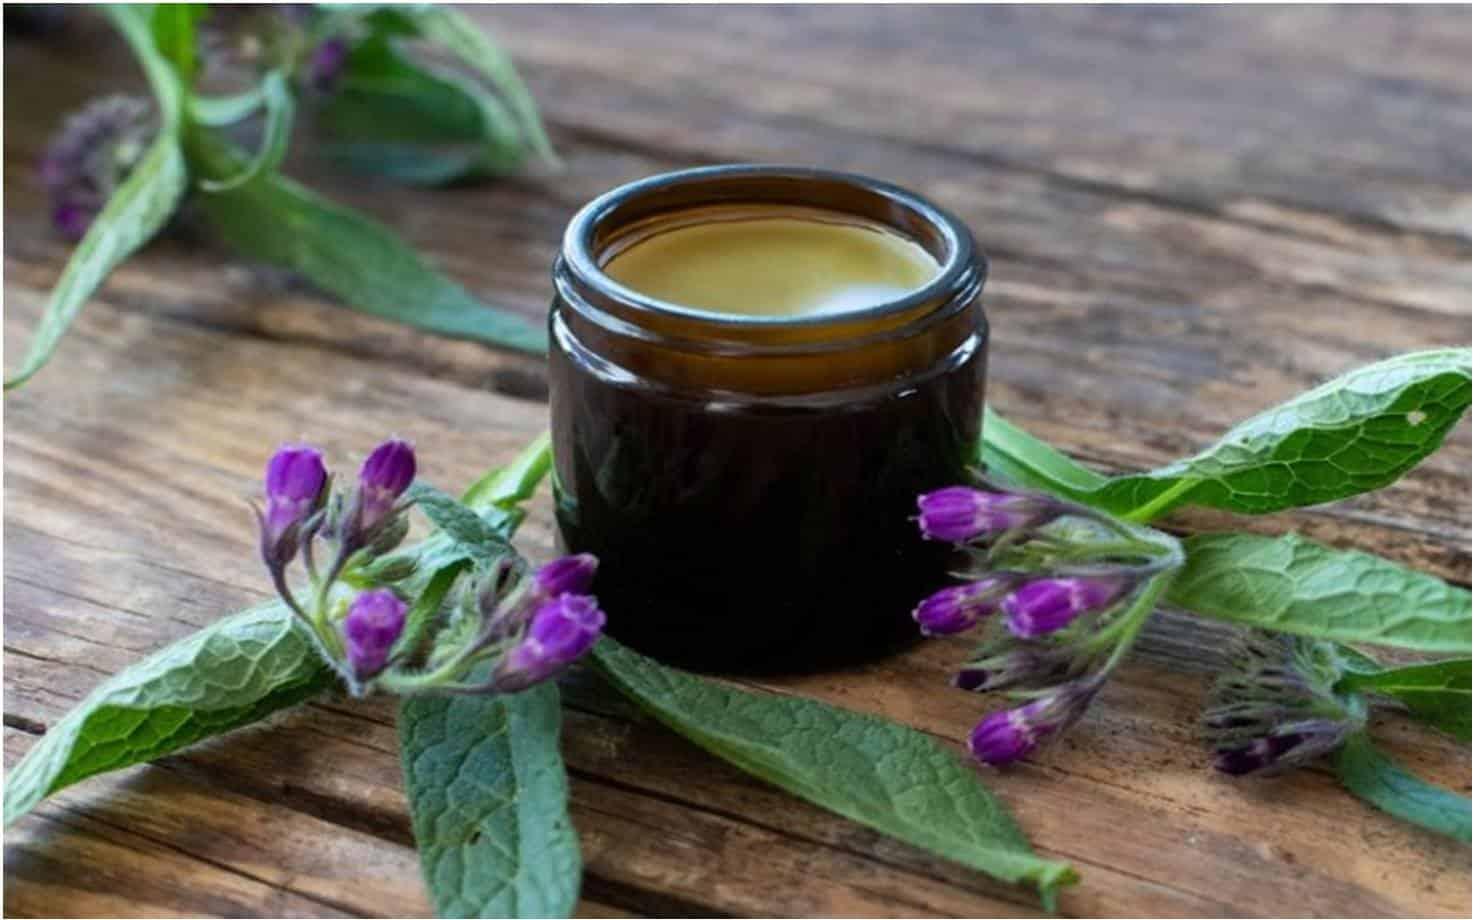 Remédio Caseiro: veja como fazer vick vaporub natural